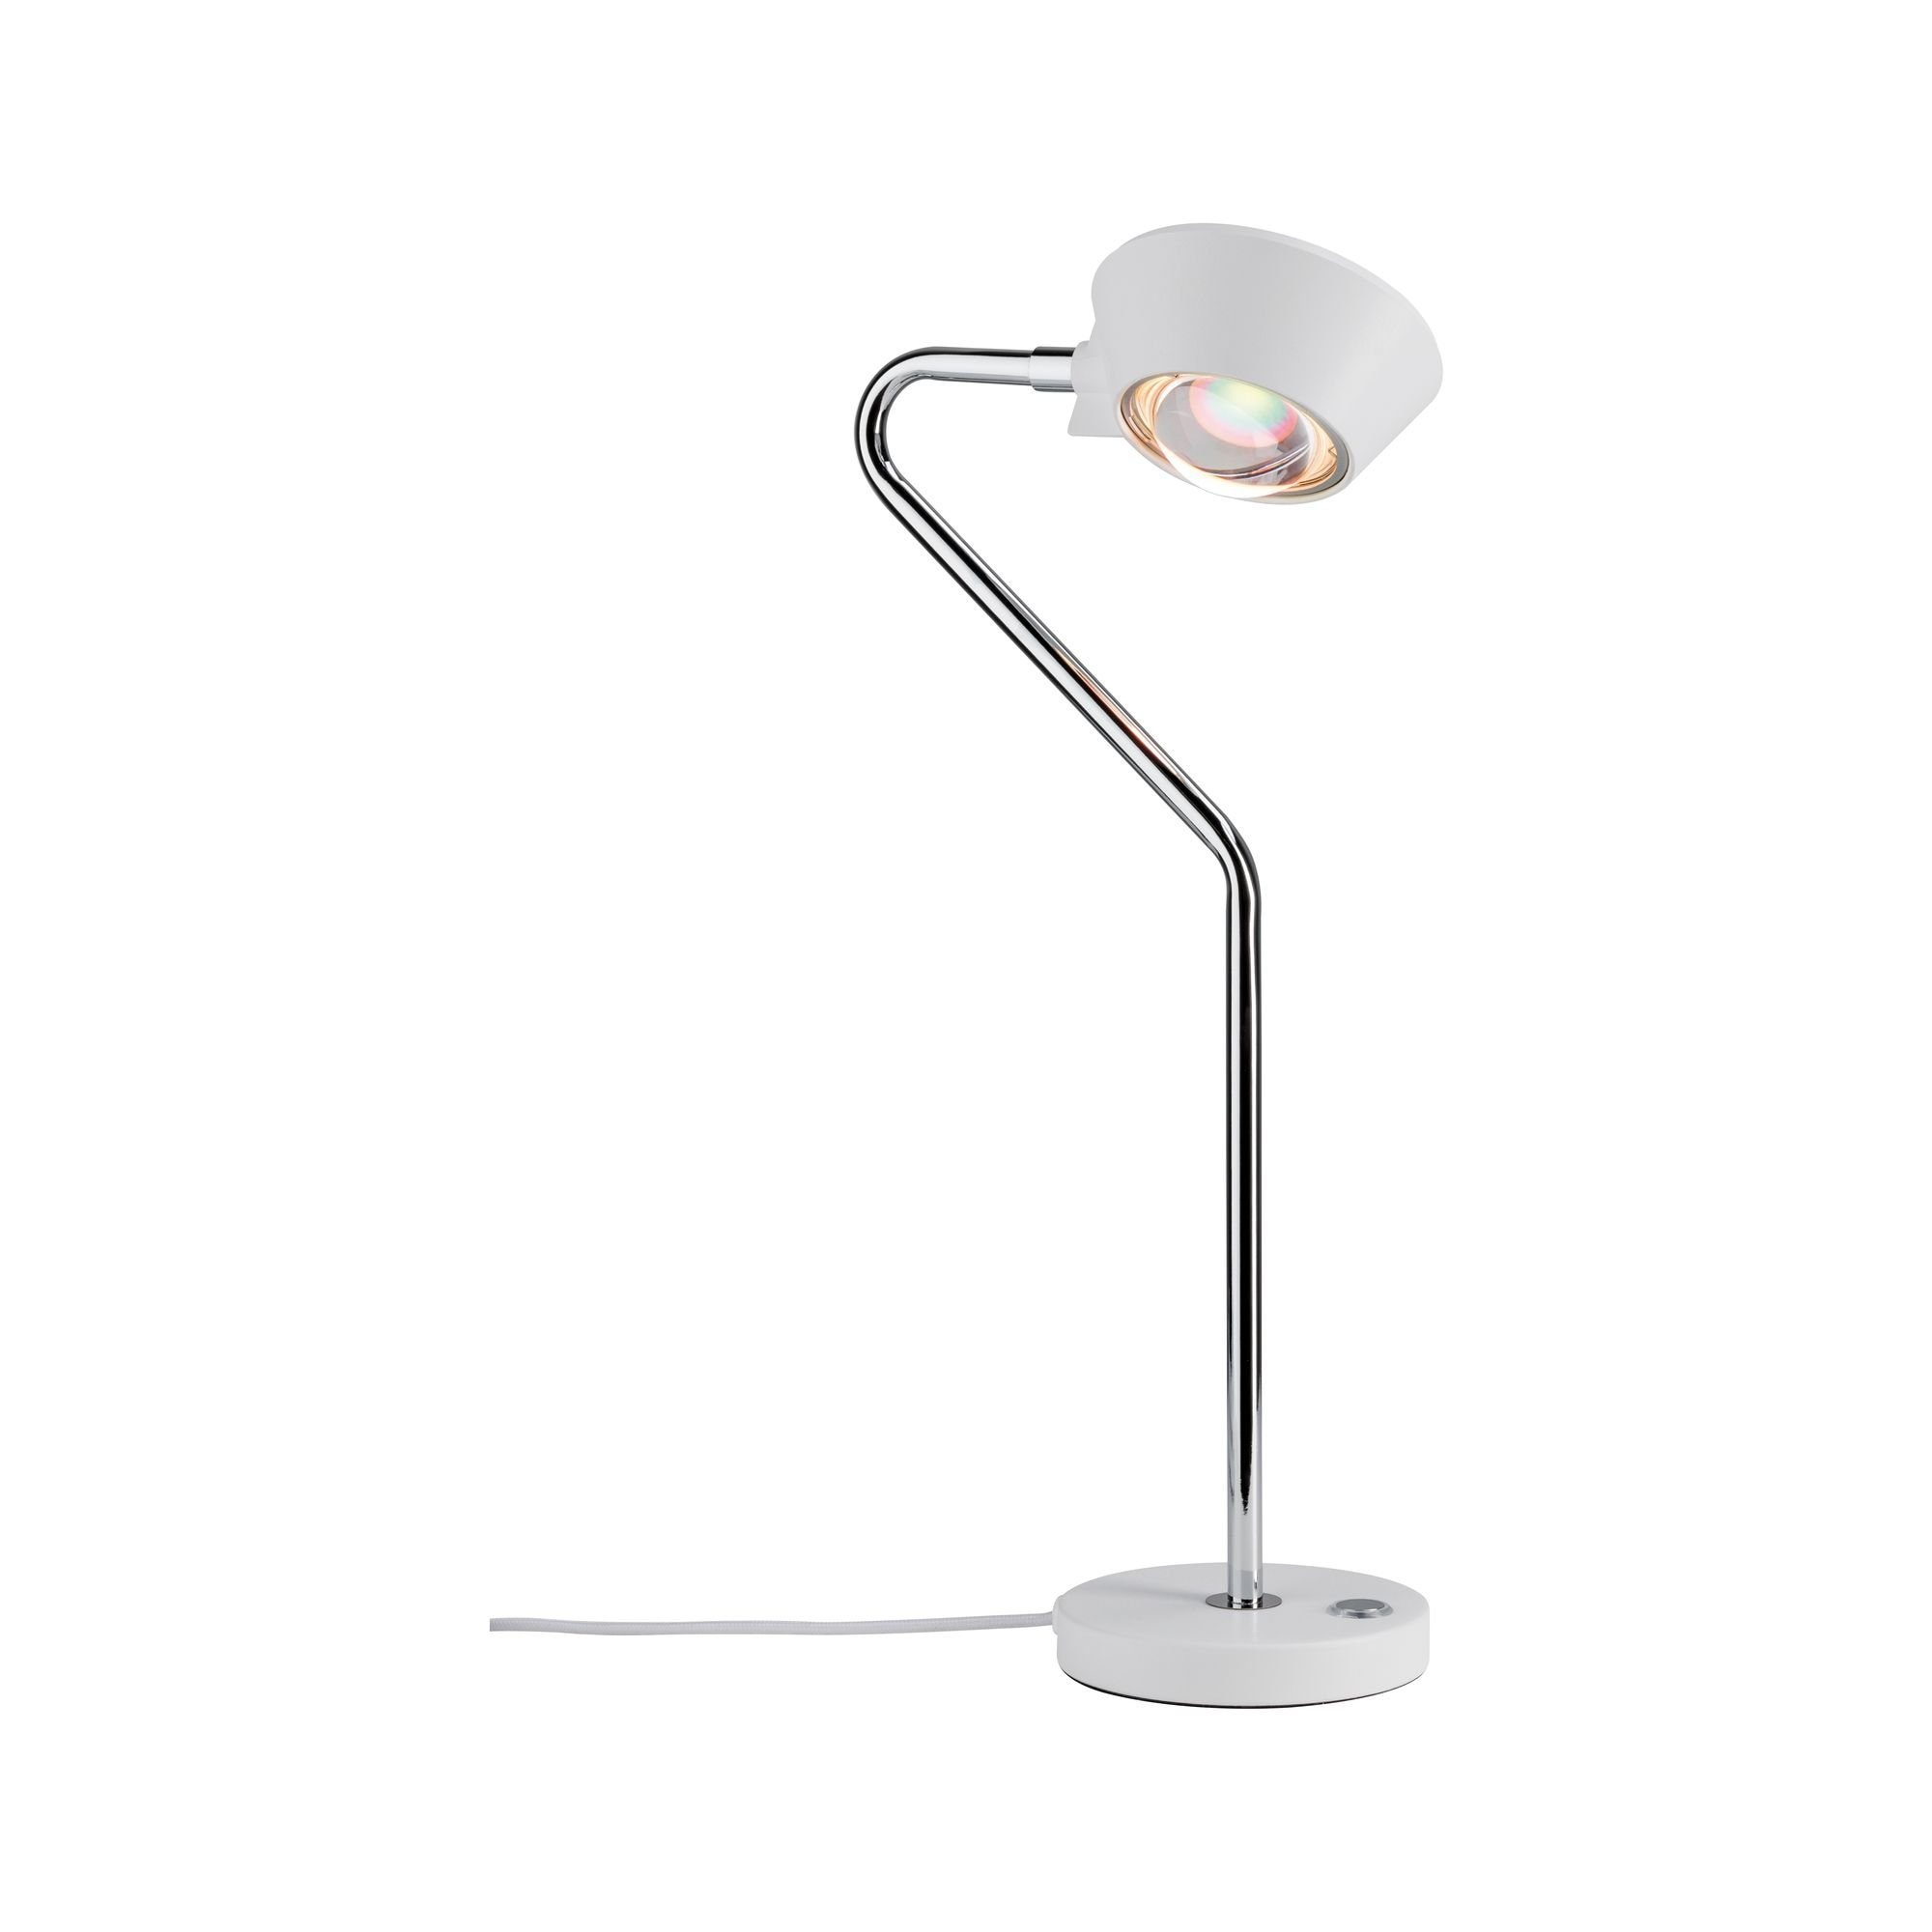 Paulmann LED Tischleuchte Ramos 8W Weiß matt/Chrom mit Touchdimmer, 1 St., Warmweiß